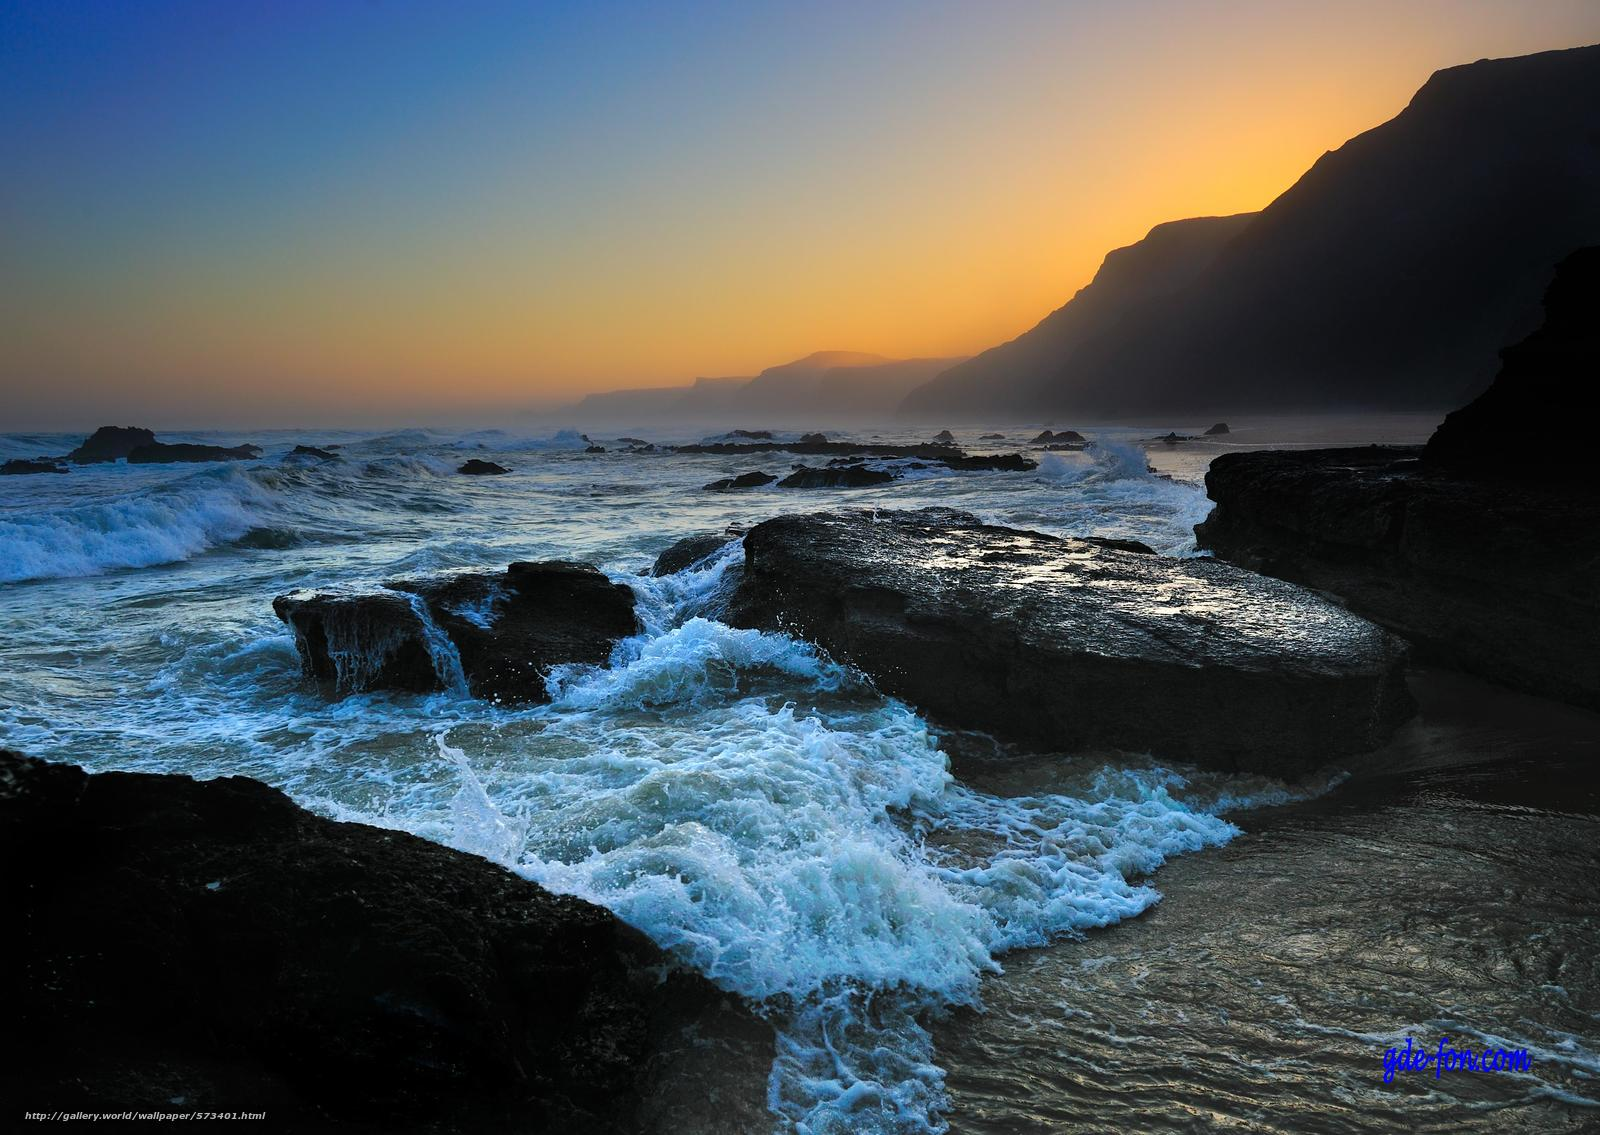 下载壁纸 日落,  海,  岩石,  景观 免费为您的桌面分辨率的壁纸 3938x2793 — 图片 №573401